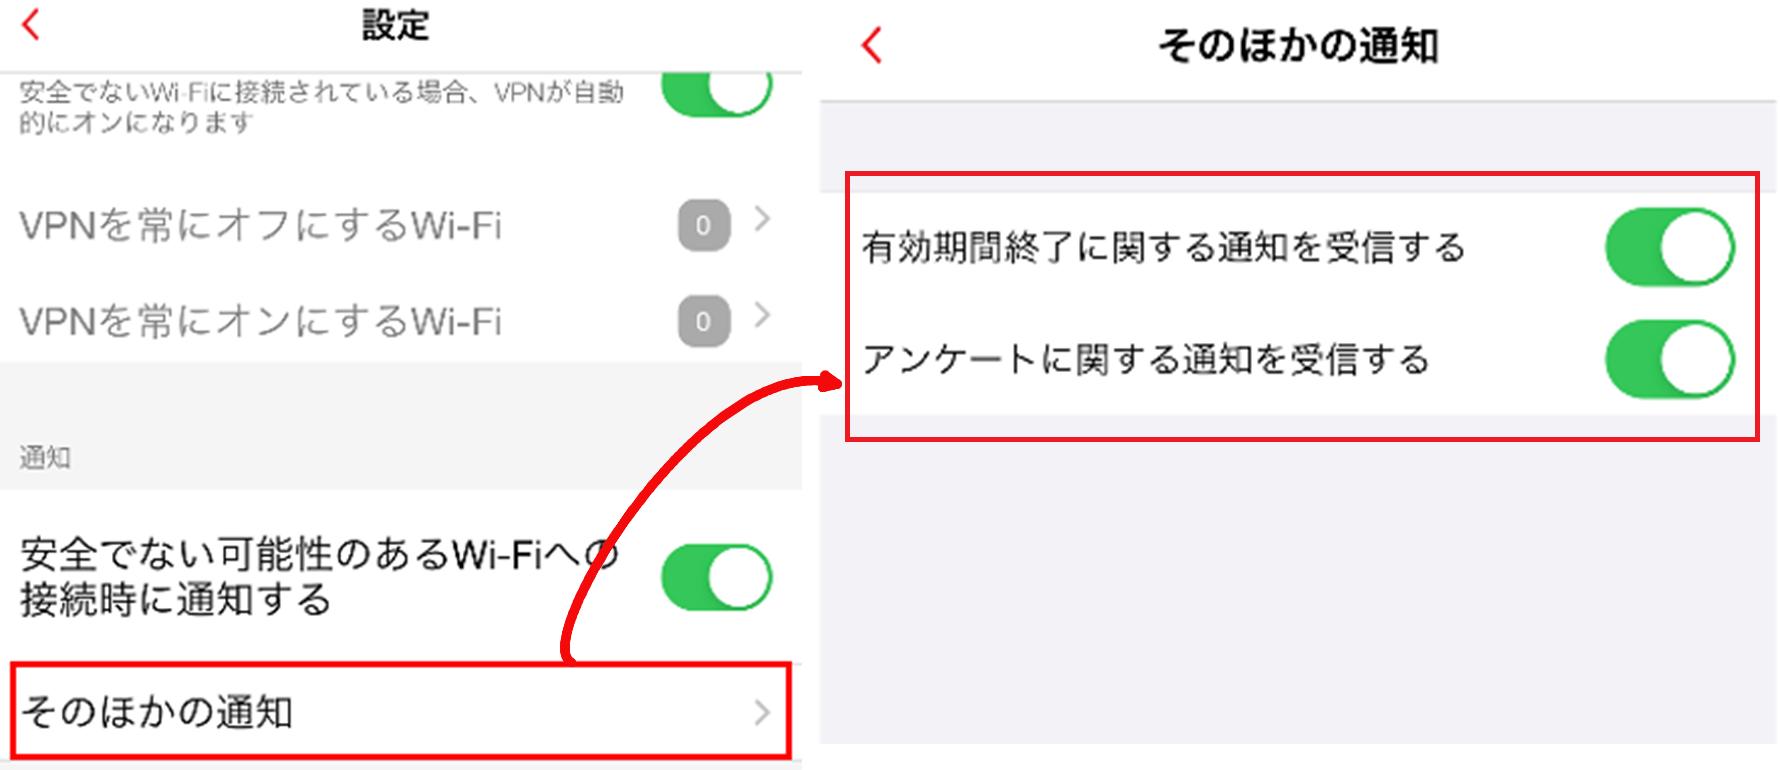 iOS版の「そのほかの通知」